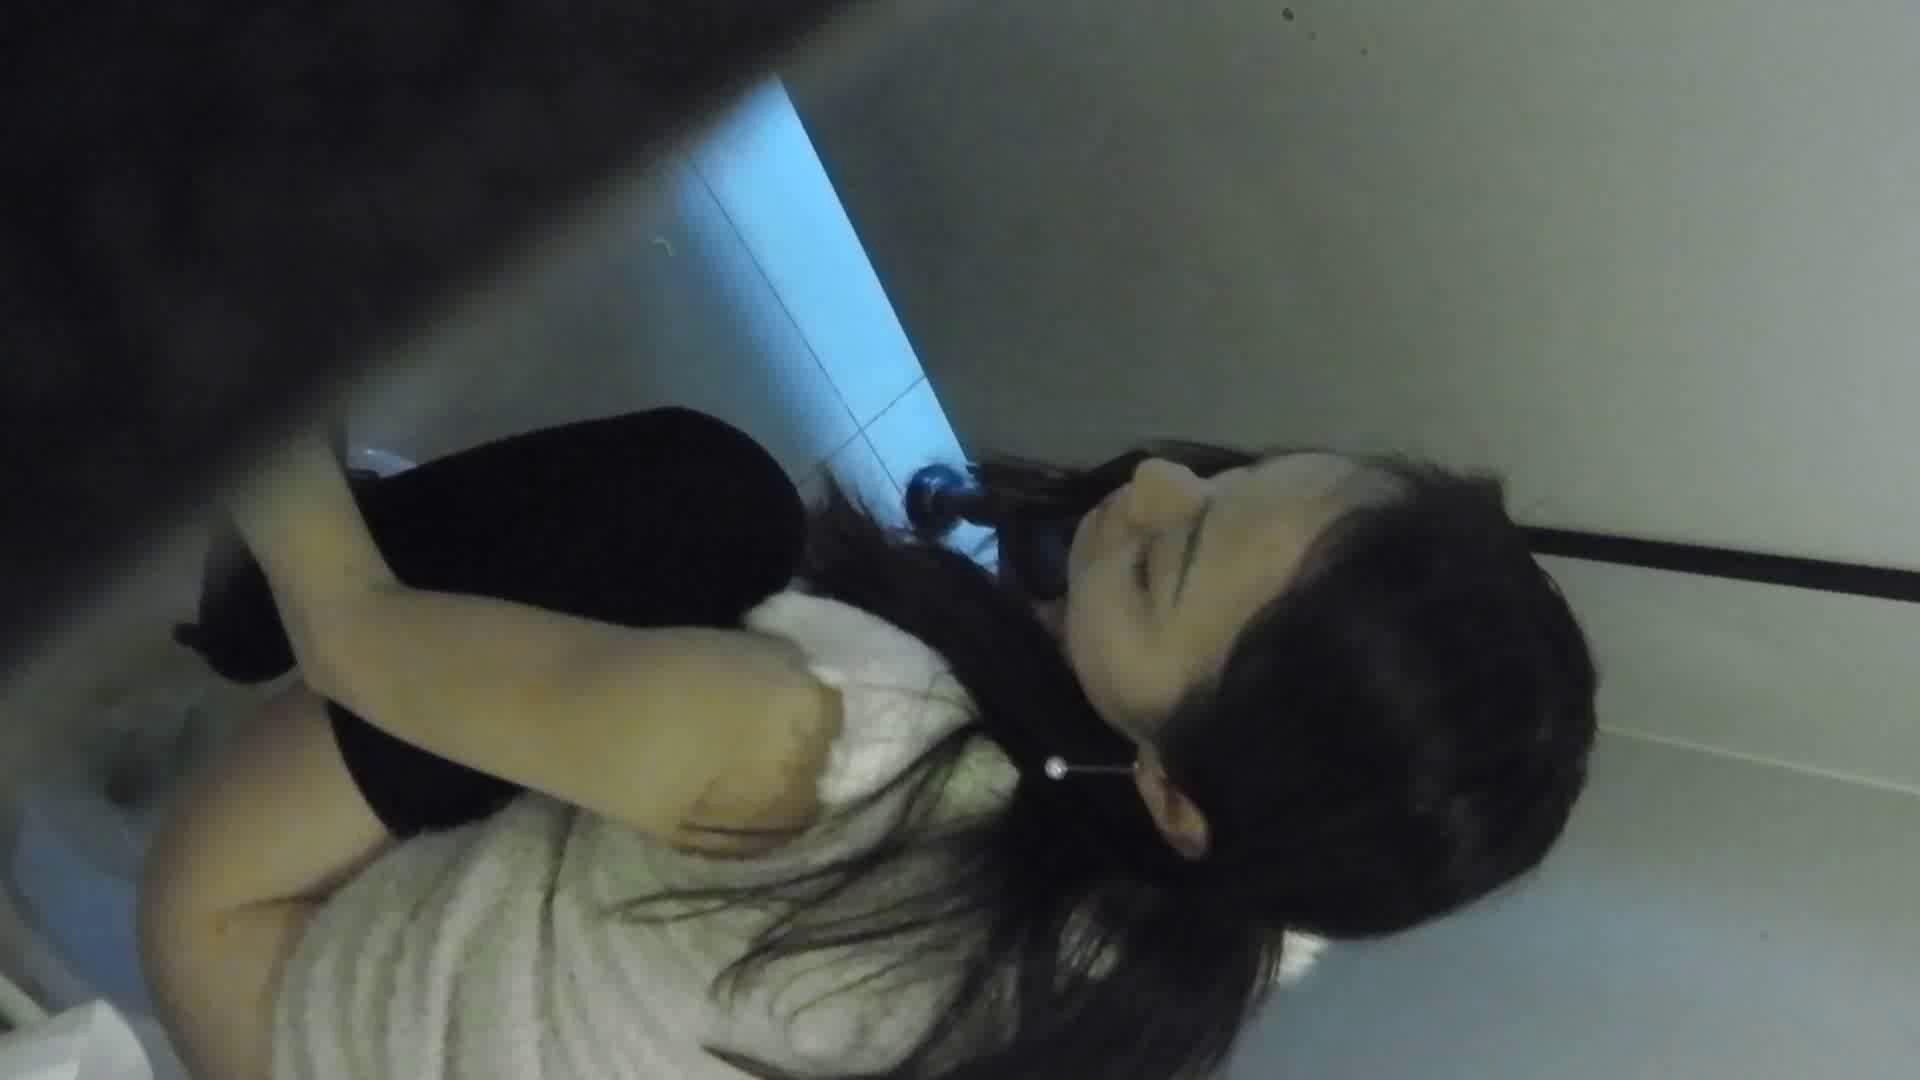 世界の射窓から vol.35 女厕偷拍, 美罗城 南宁国贸 お姉さんのSEX エロ画像 78枚 23